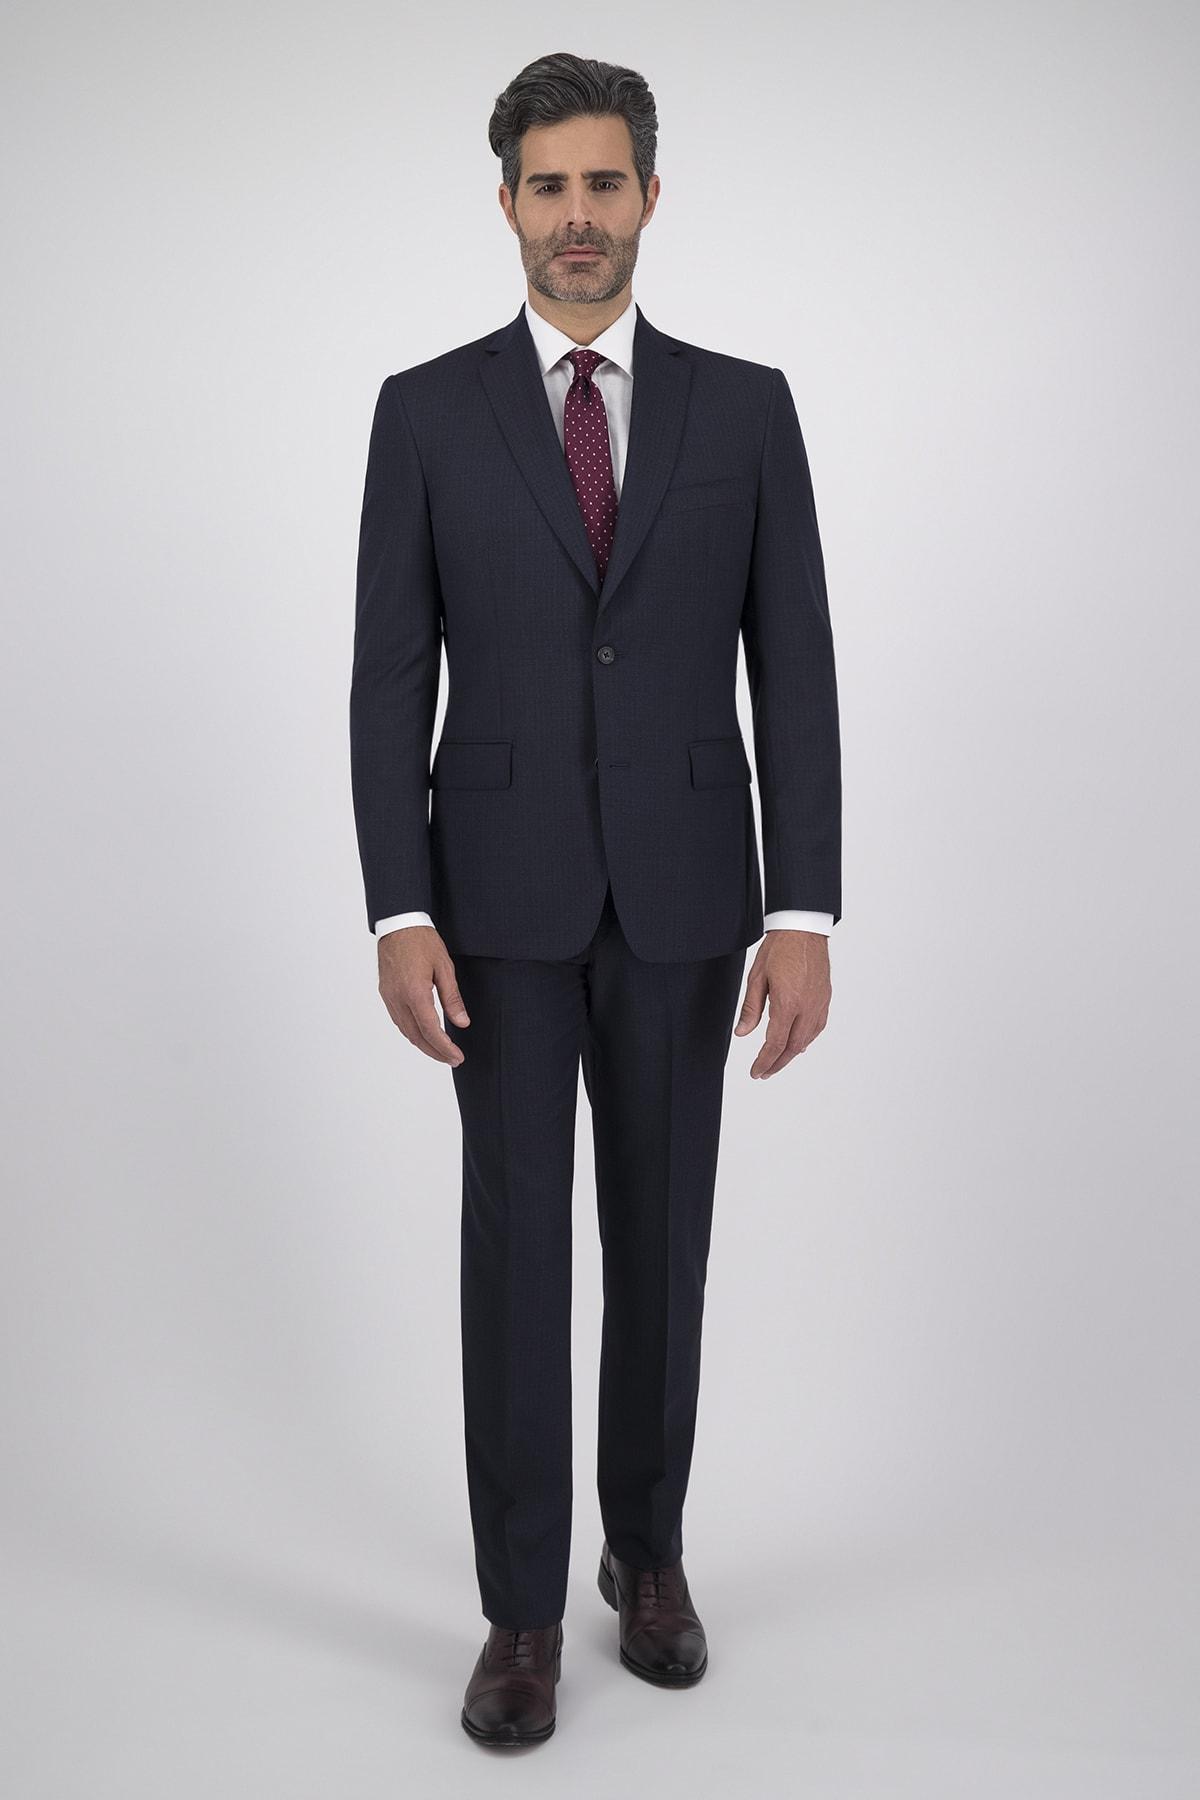 Traje dos piezas tejido Cloth Ermenegildo Zegna azul Marino Falso liso